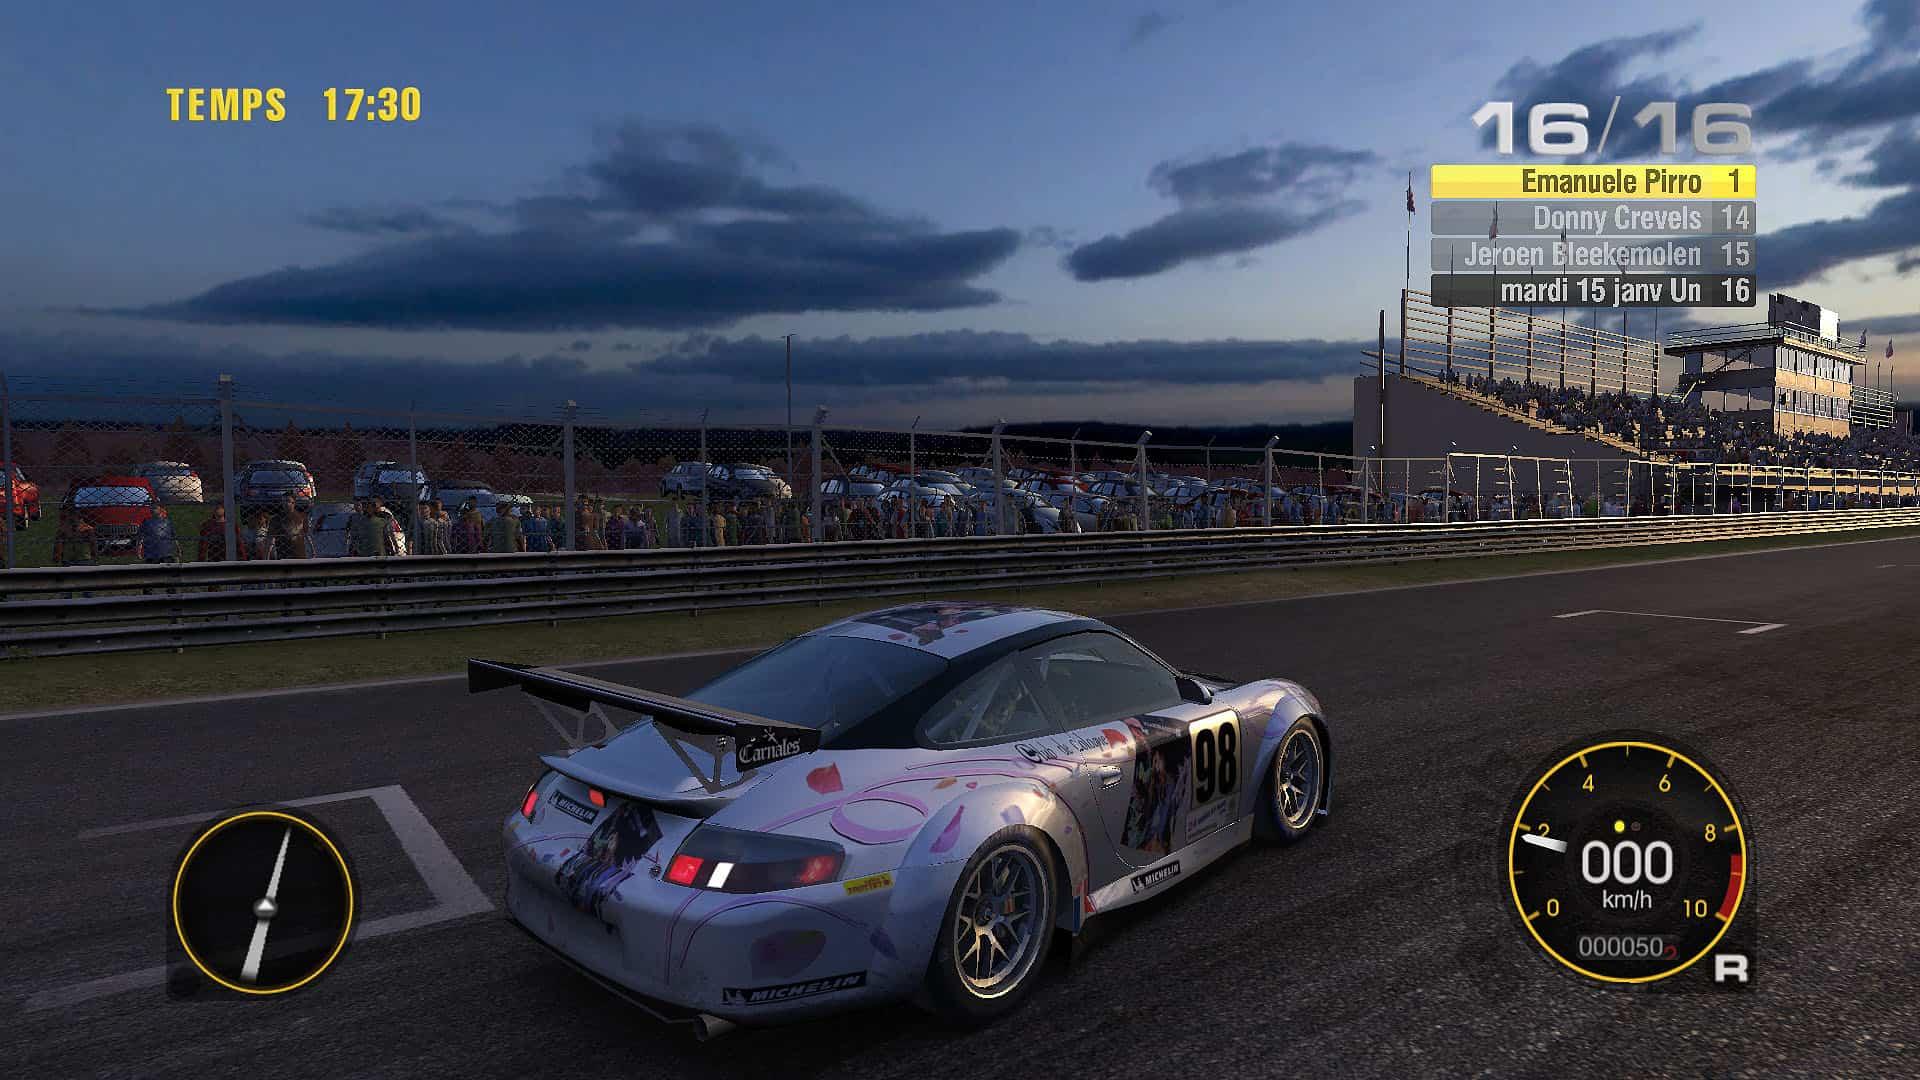 Jeu De Voiture De Course Sur Circuit - Course Automobile destiné Jeux De Voiture En Course